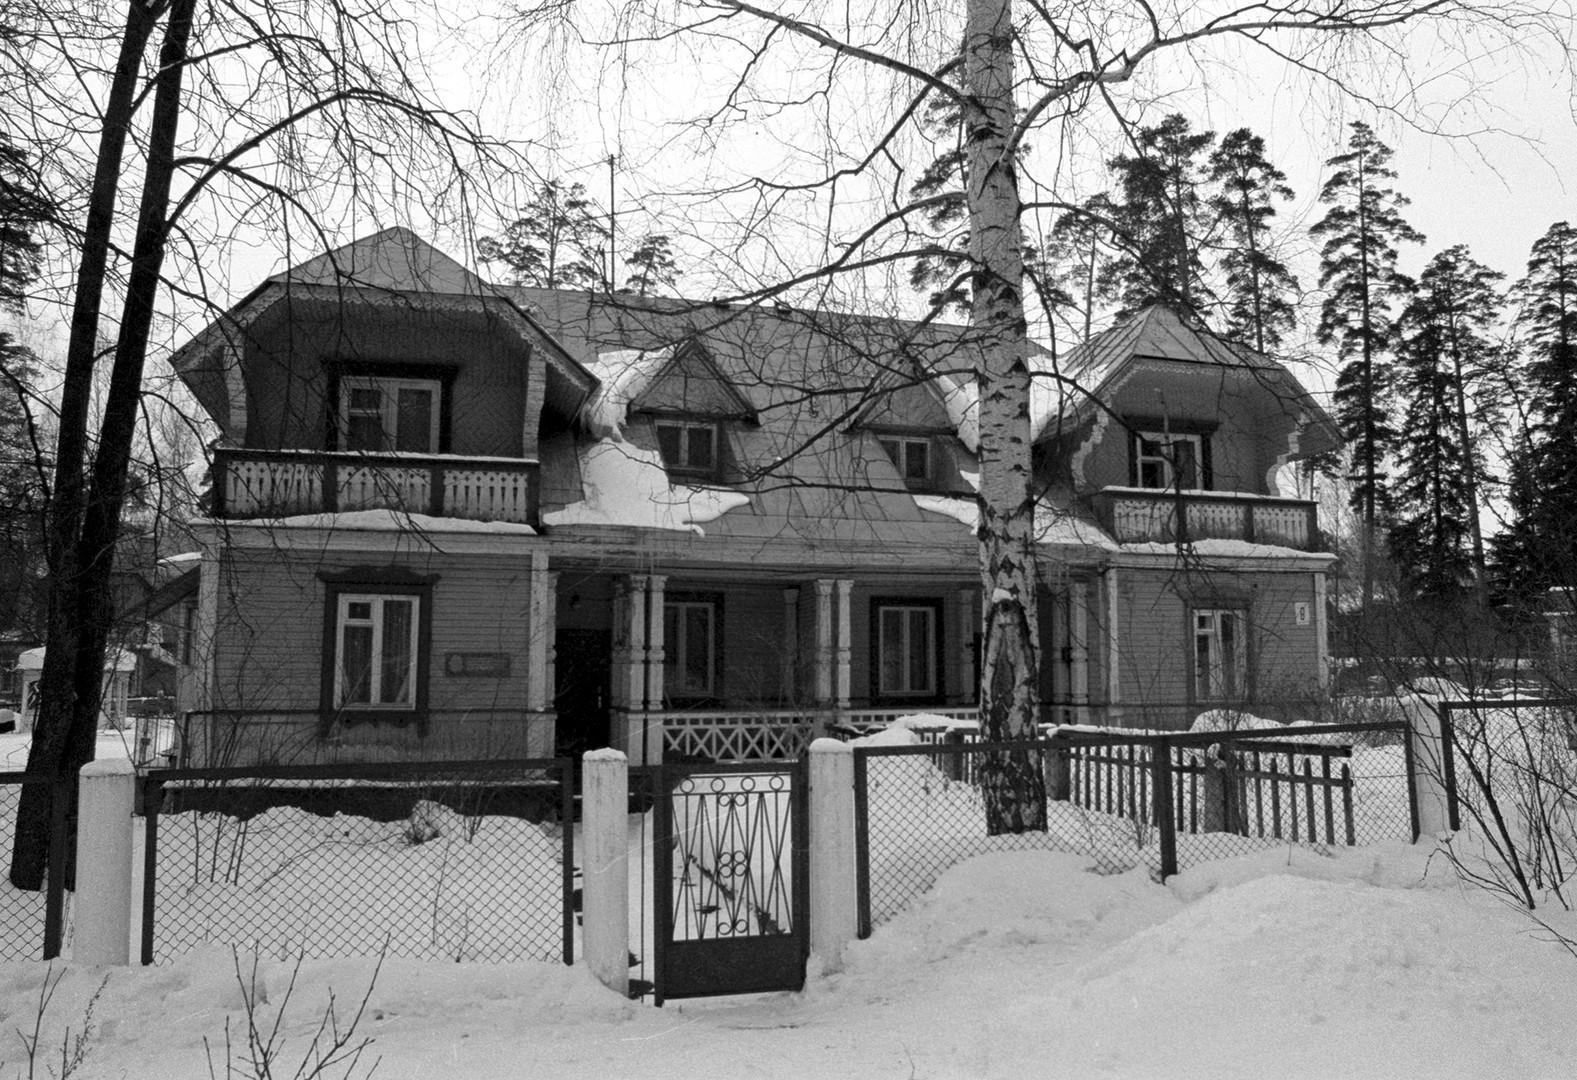 Куќата на академик Андреј Сахаров кој ја проектирал првата советска атомска бомба